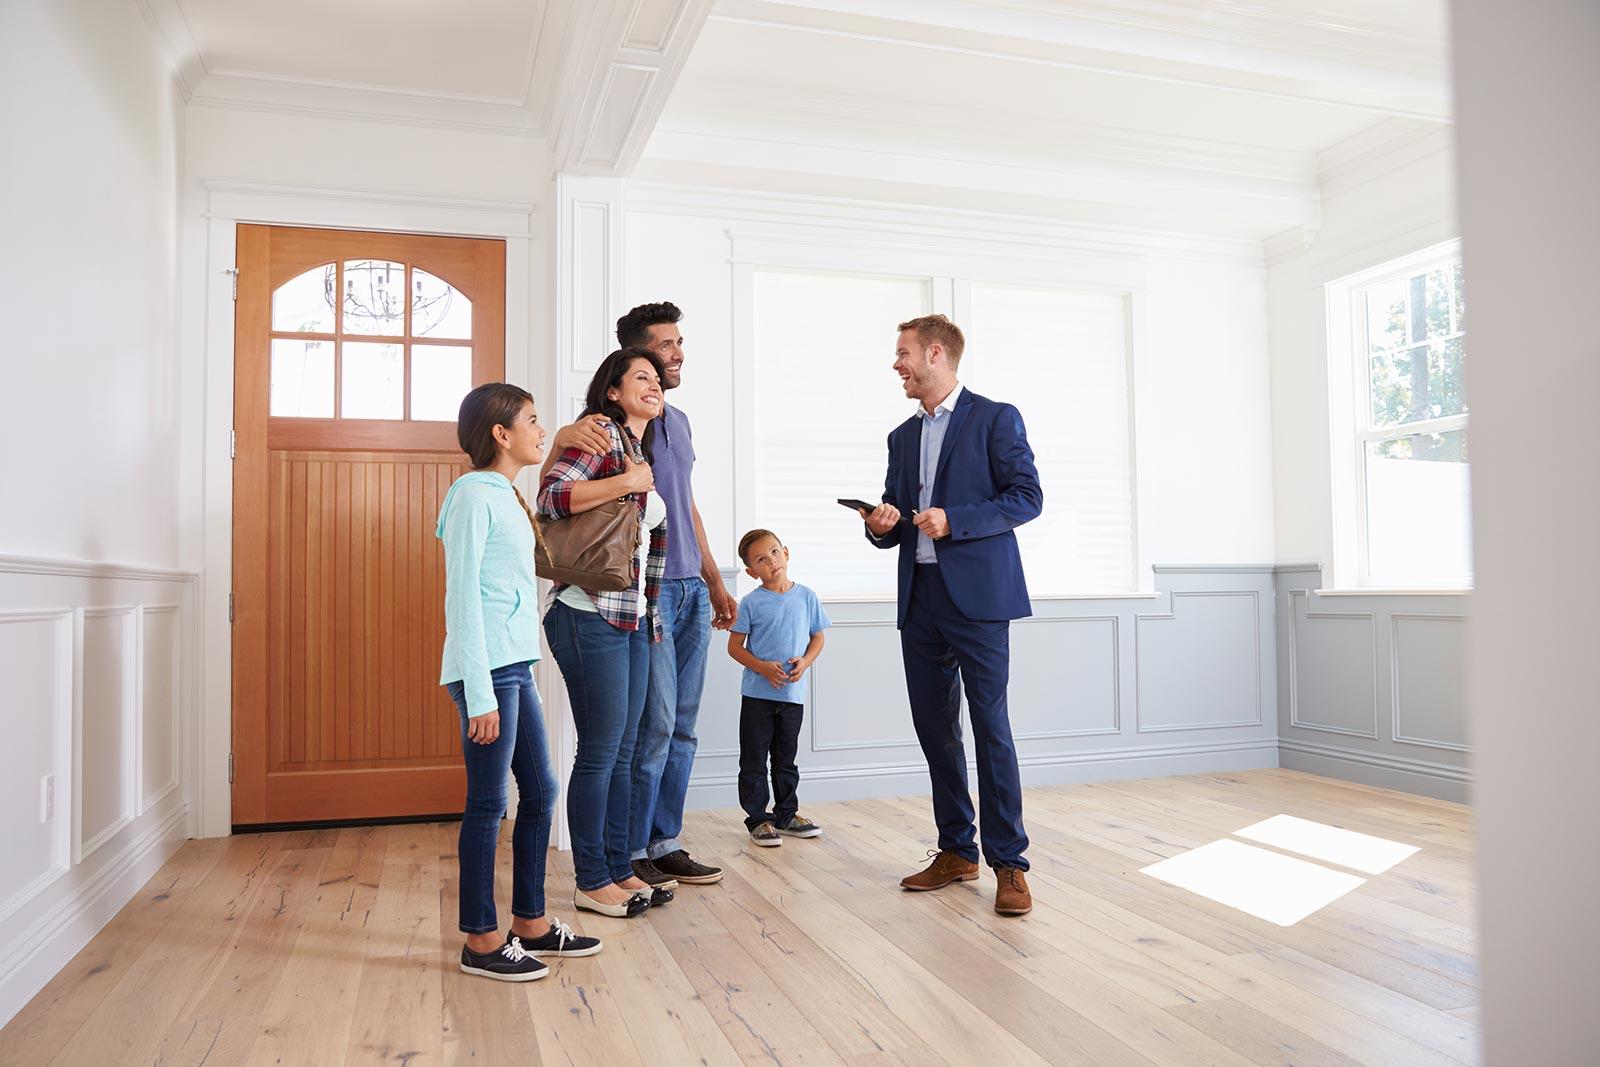 Razones por las que debes contratar un Personal Shopper Inmobiliario para comprar tu vivienda